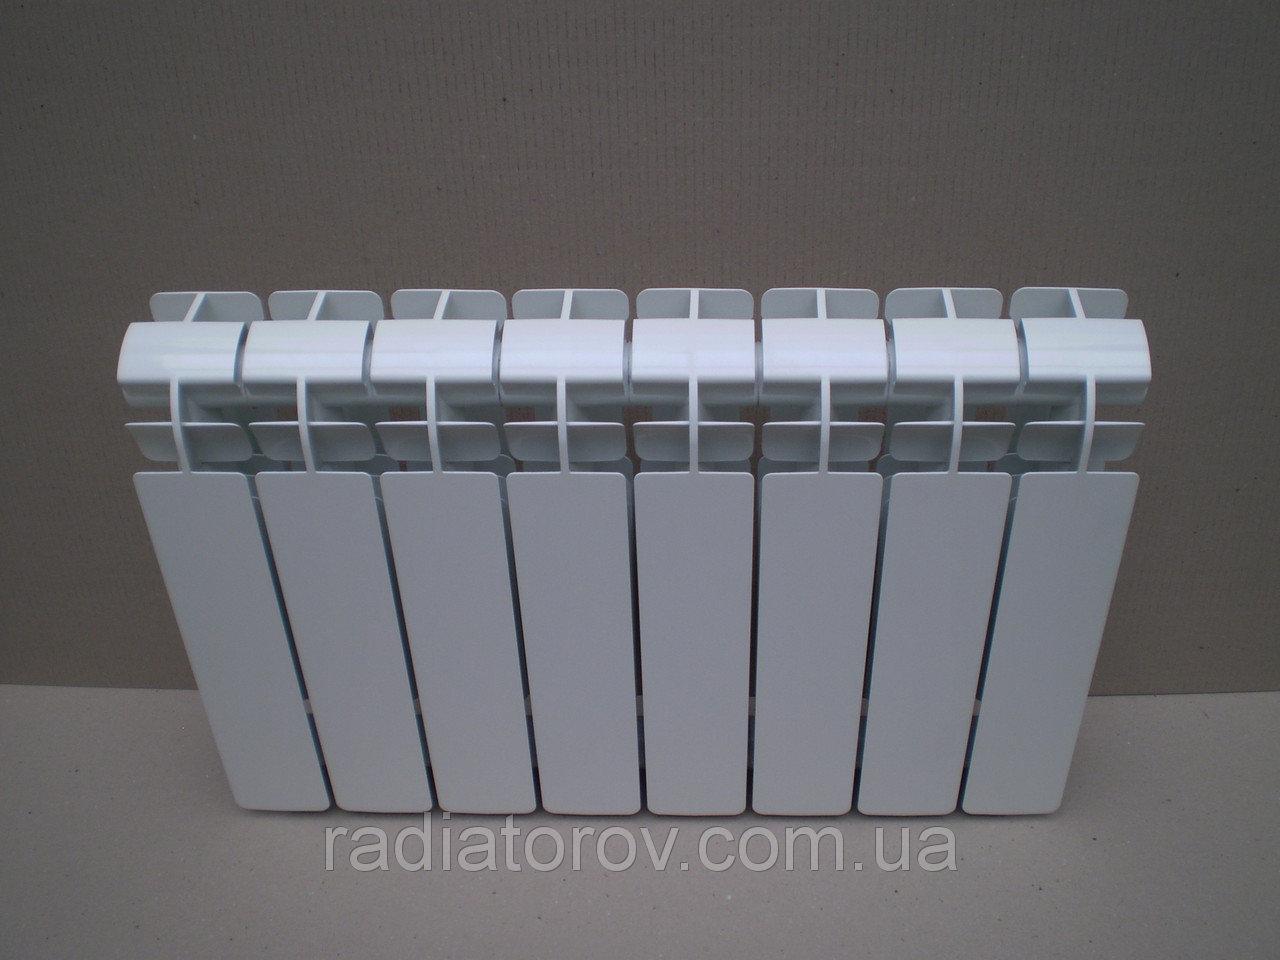 Алюмінієві радіатори global vox - надійність та тепло за доступною ціною